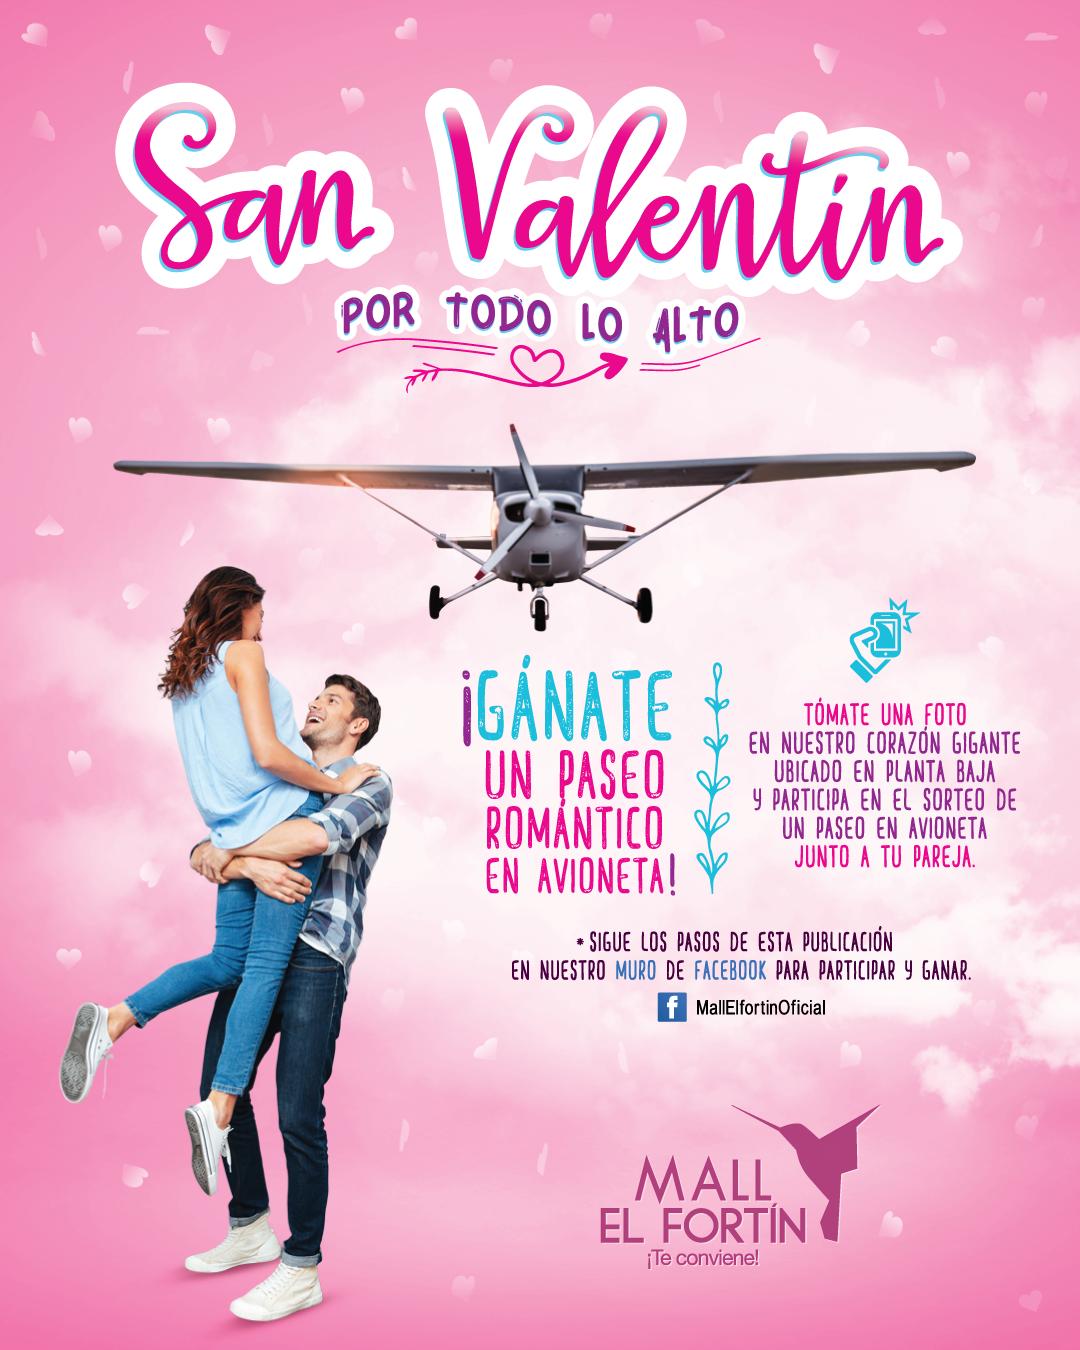 SAN VALENTÍN POR TODO LO ALTO DESDE EL 12/02/2021 HASTA EL 17/02/2021